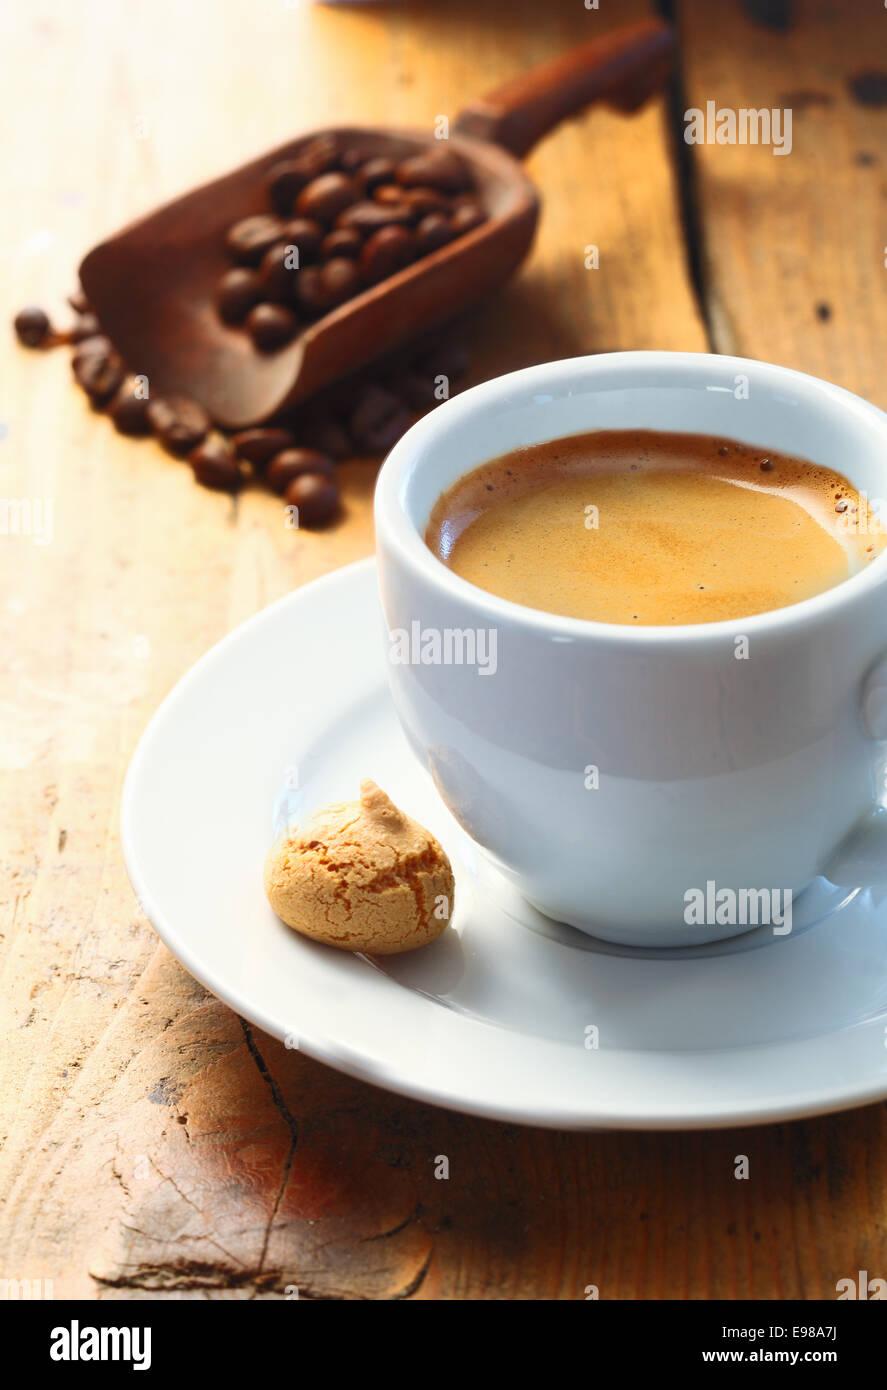 Aromáticas sirve café espresso en una taza pequeña con un macaroon en el lateral y una cucharada Imagen De Stock